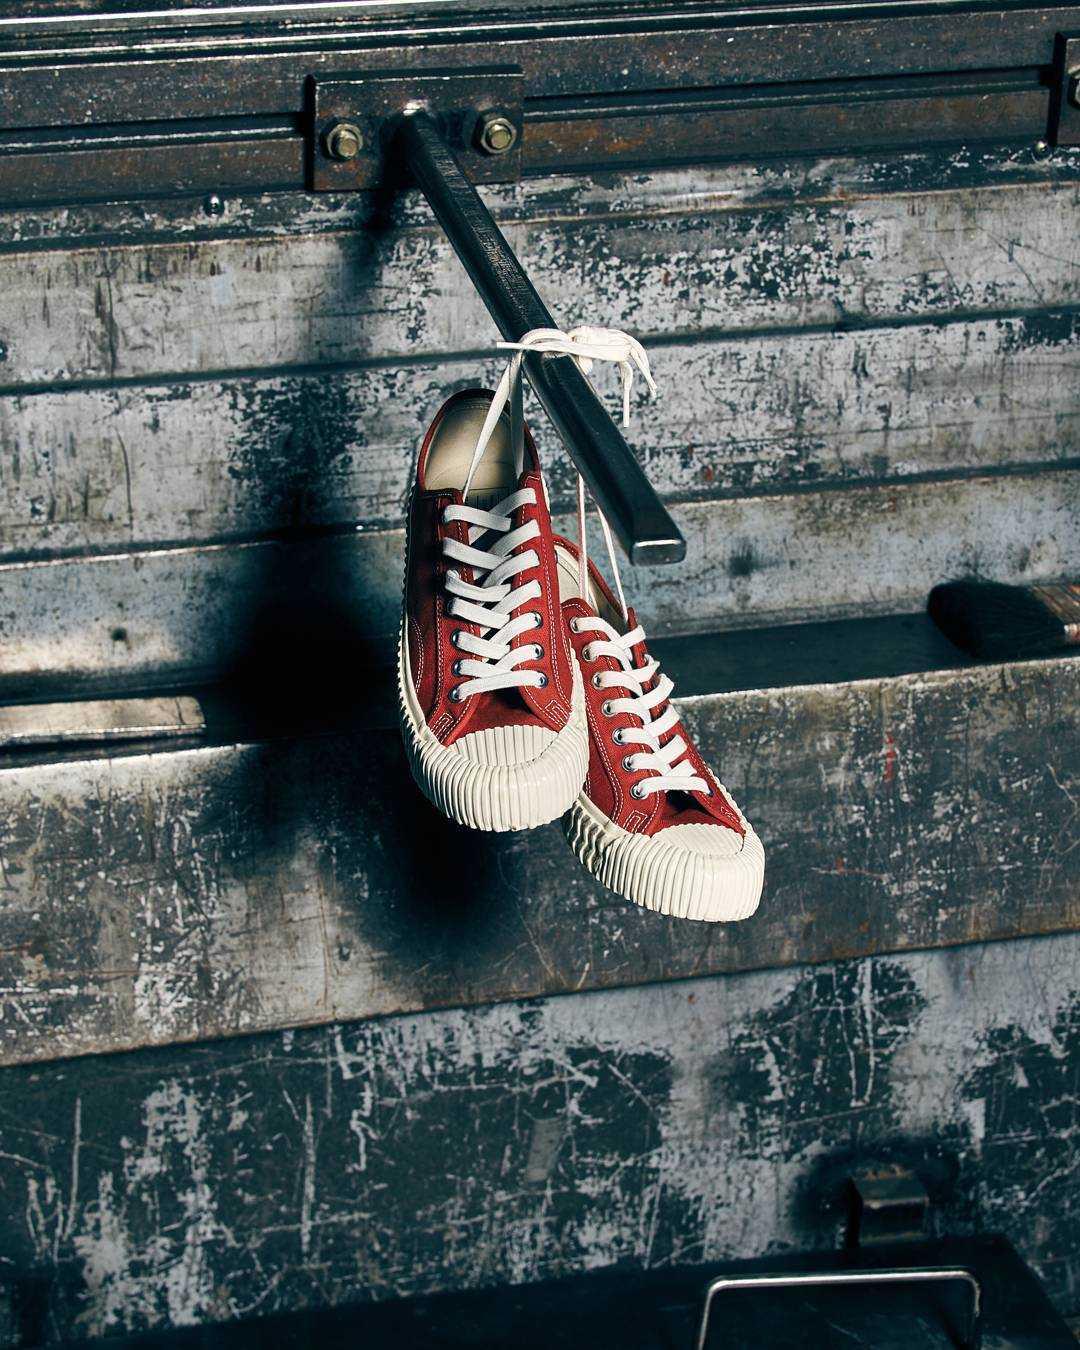 #紅色: 紅色也是球鞋中的大熱款式,如果平常穿的衣服顏色太灰暗,又或者沒有過多的特色,選一雙紅色的餅乾鞋絕對可以讓你亮起來!